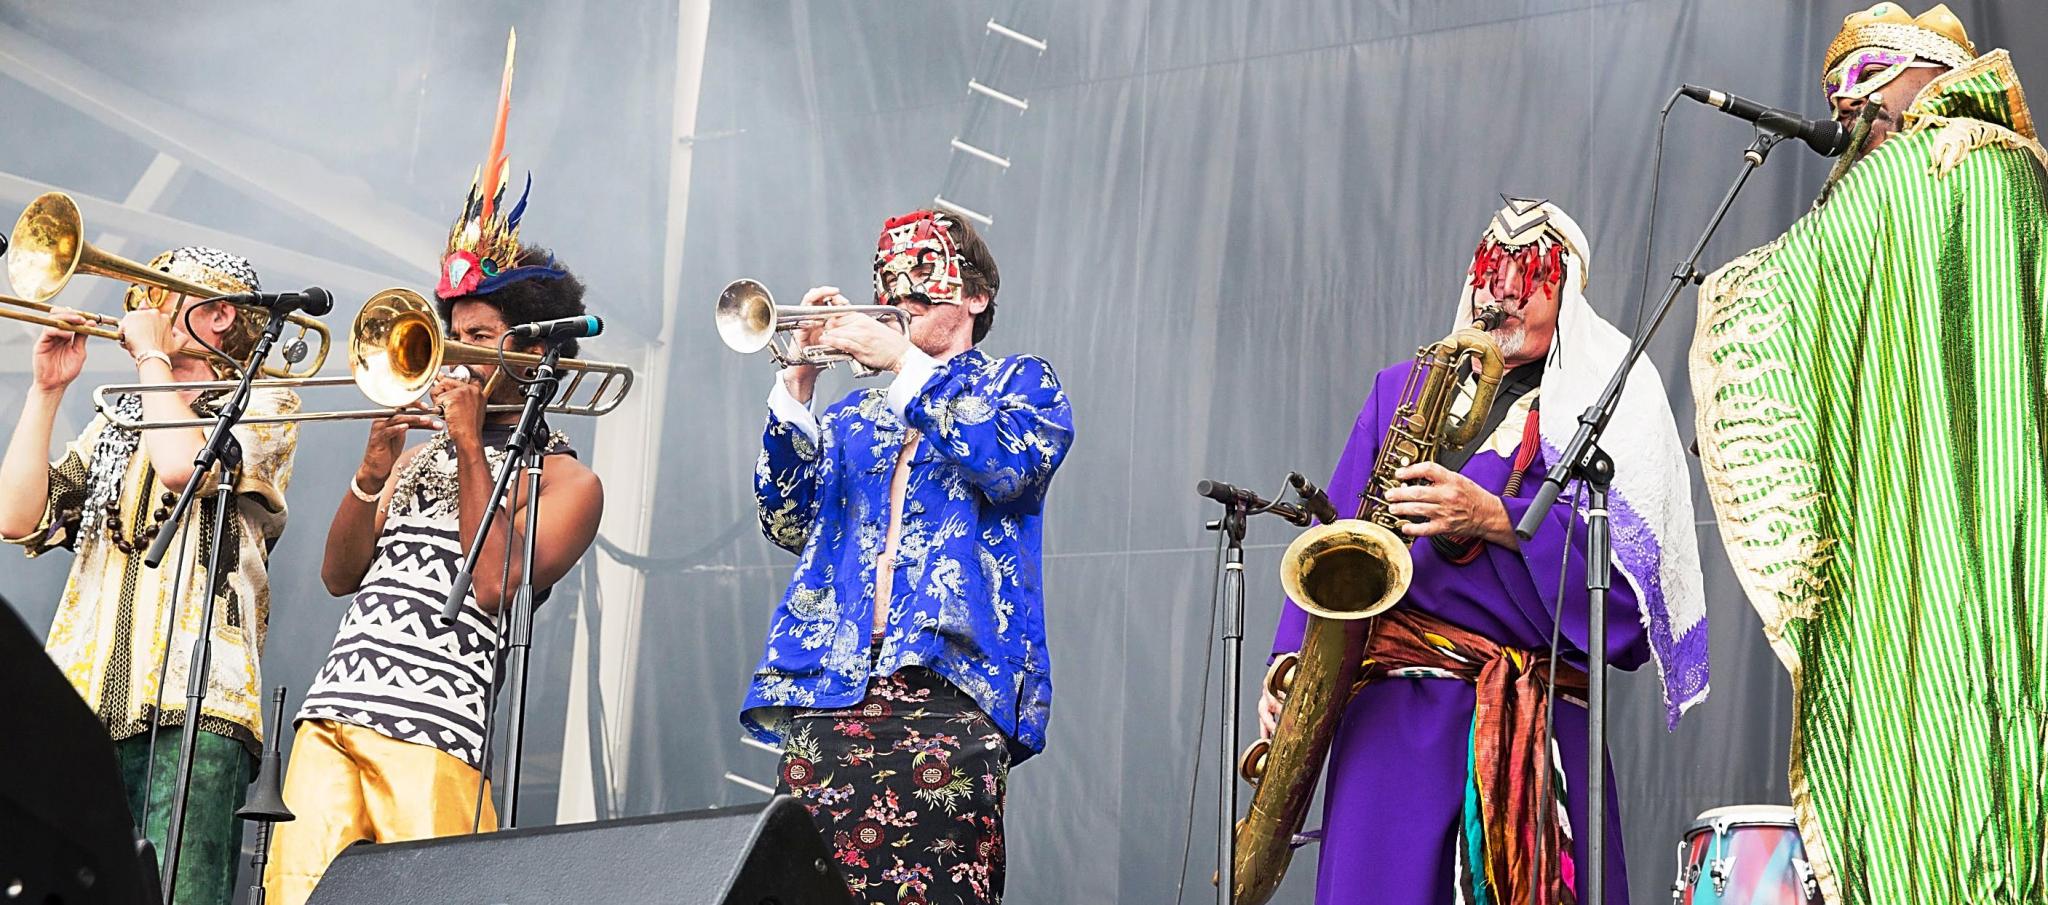 Dream Machine festival evokes spirit of Day for Night